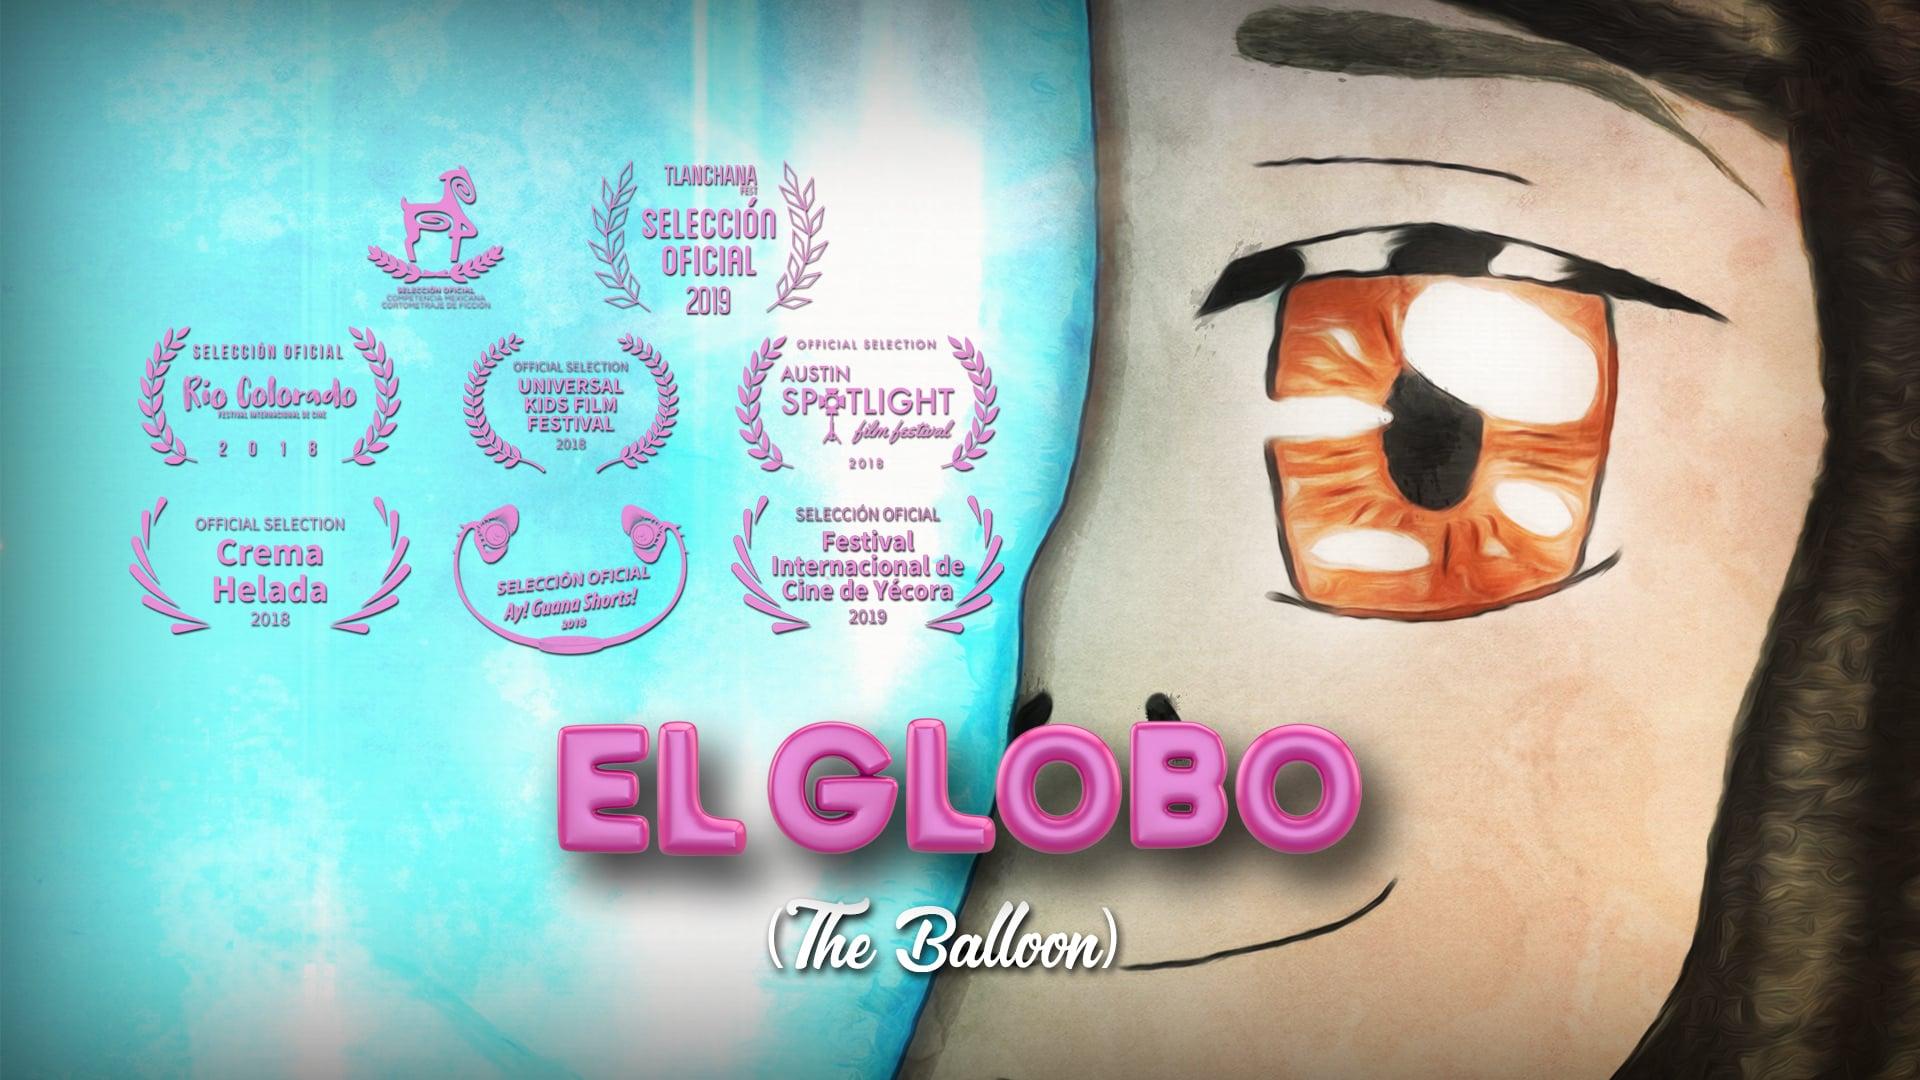 El Globo (The Balloon) - 2018